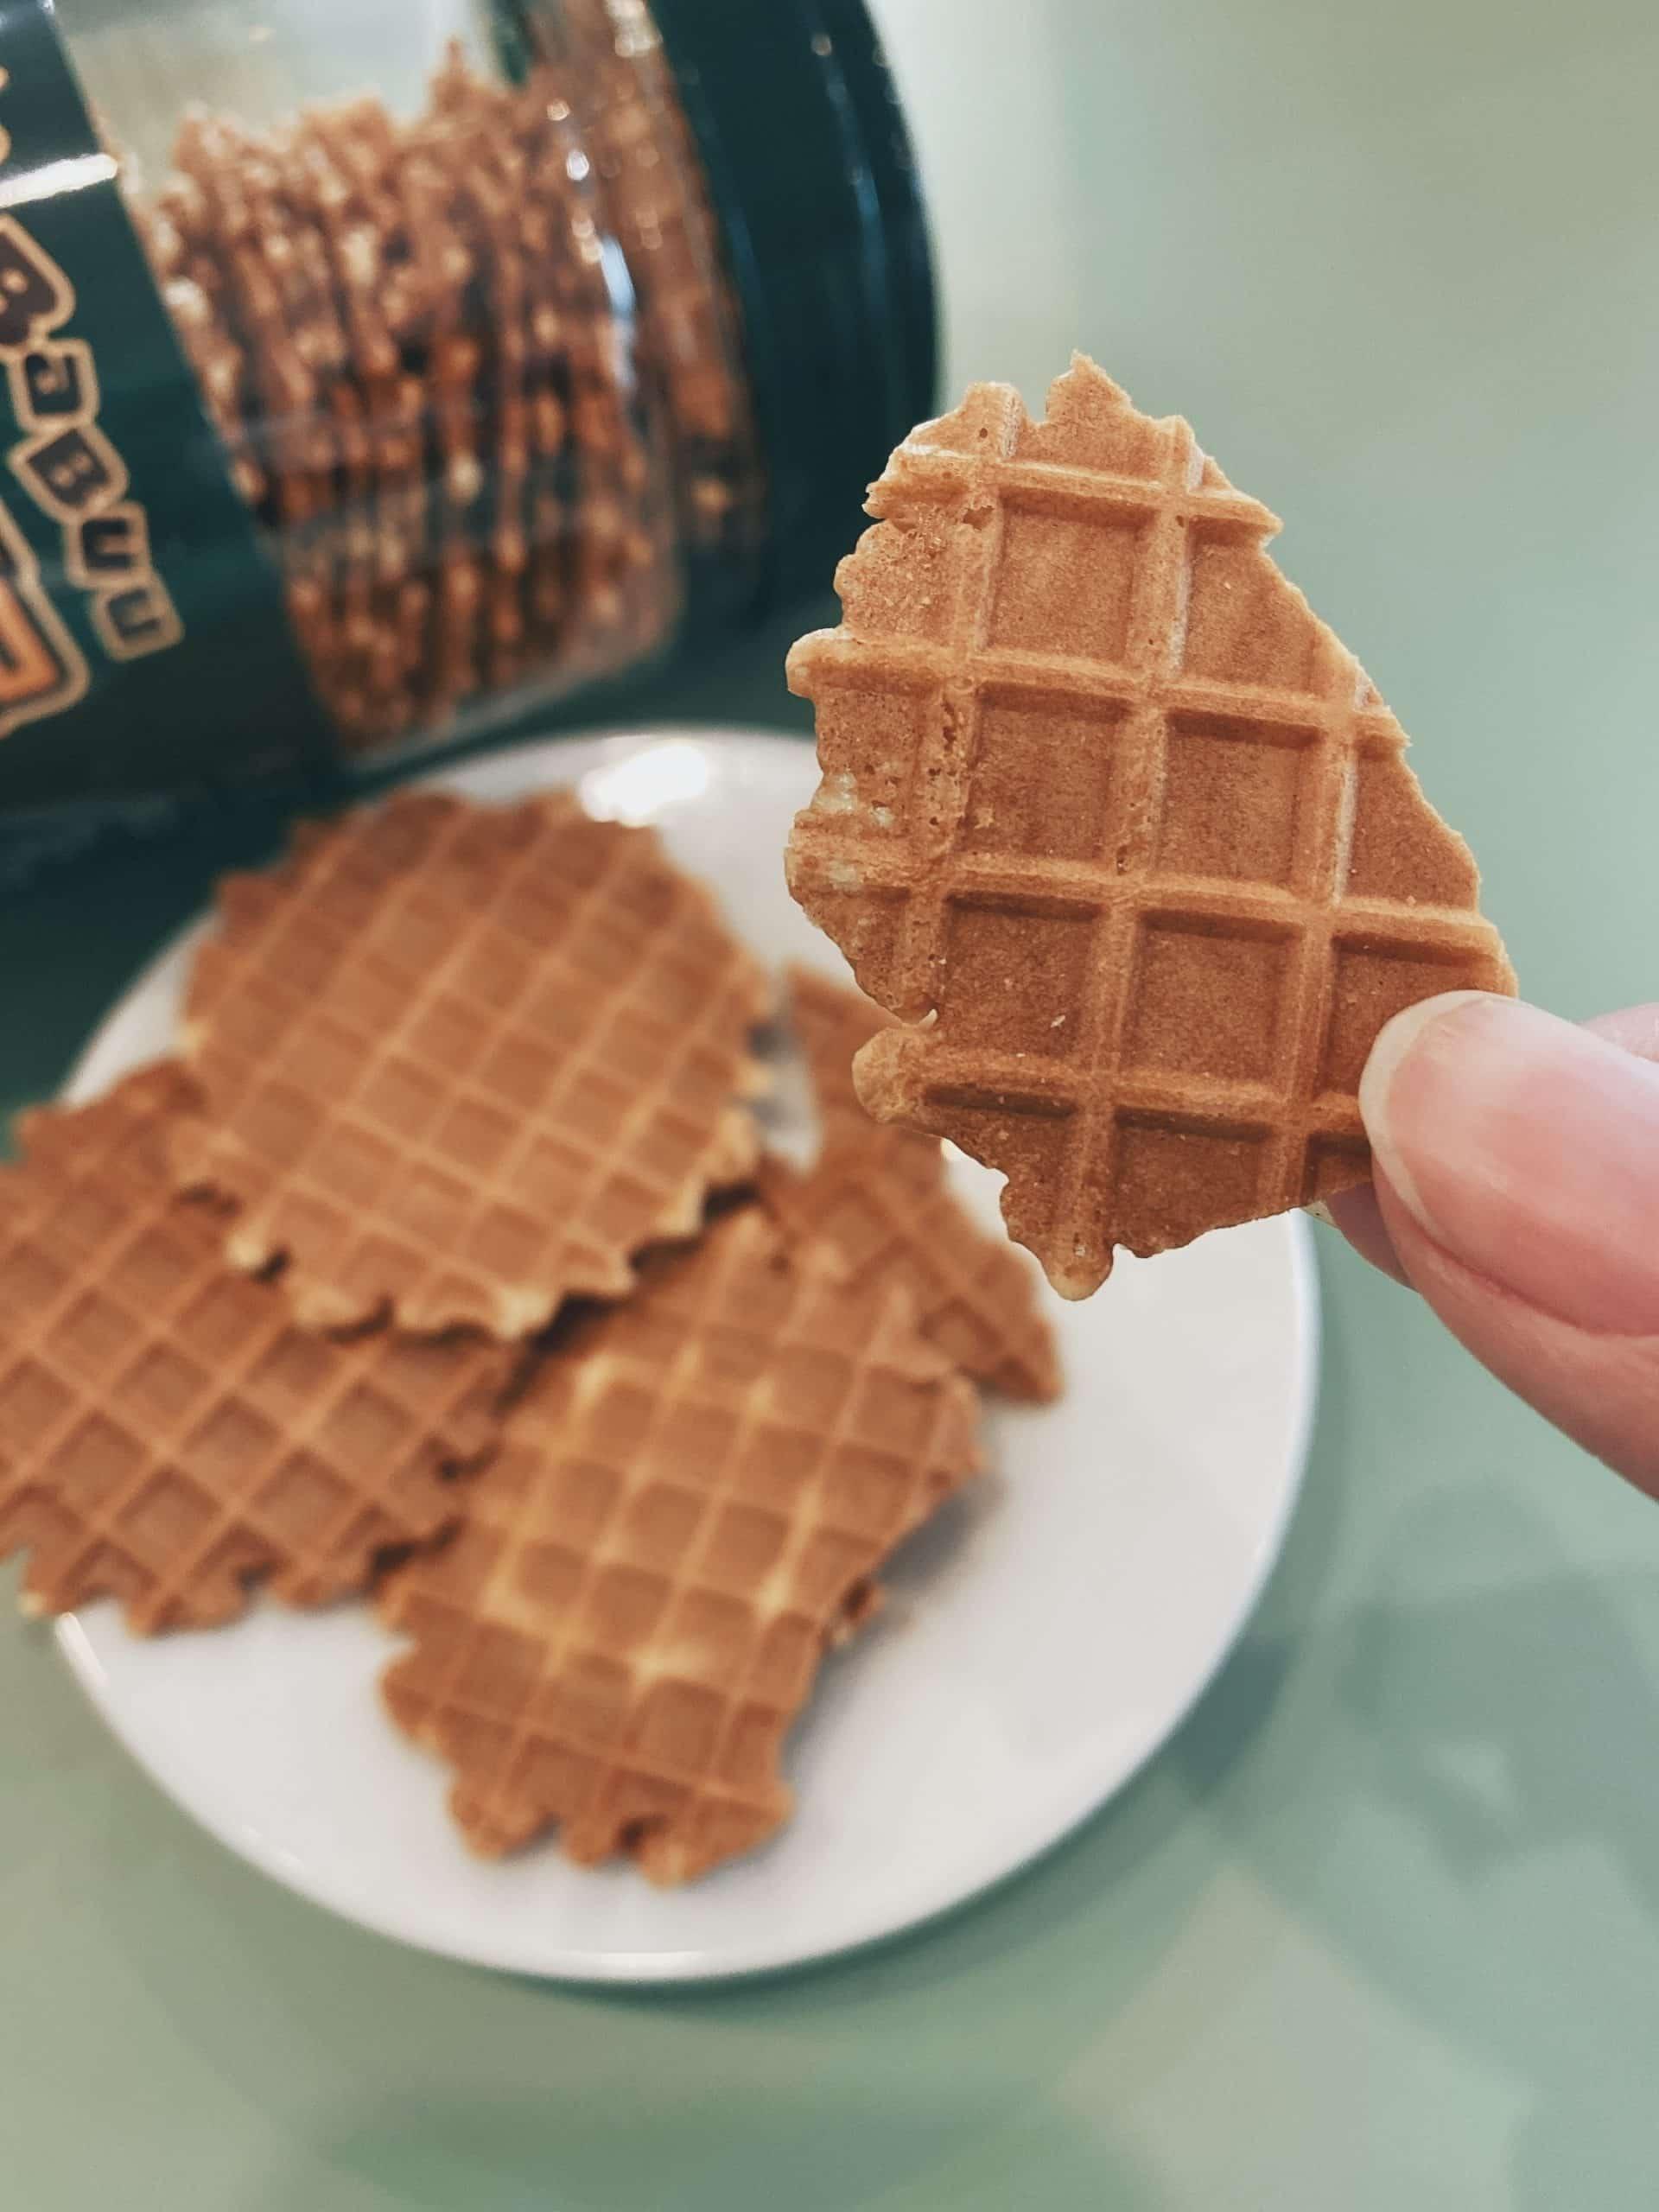 冰淇淋脆皮零嘴